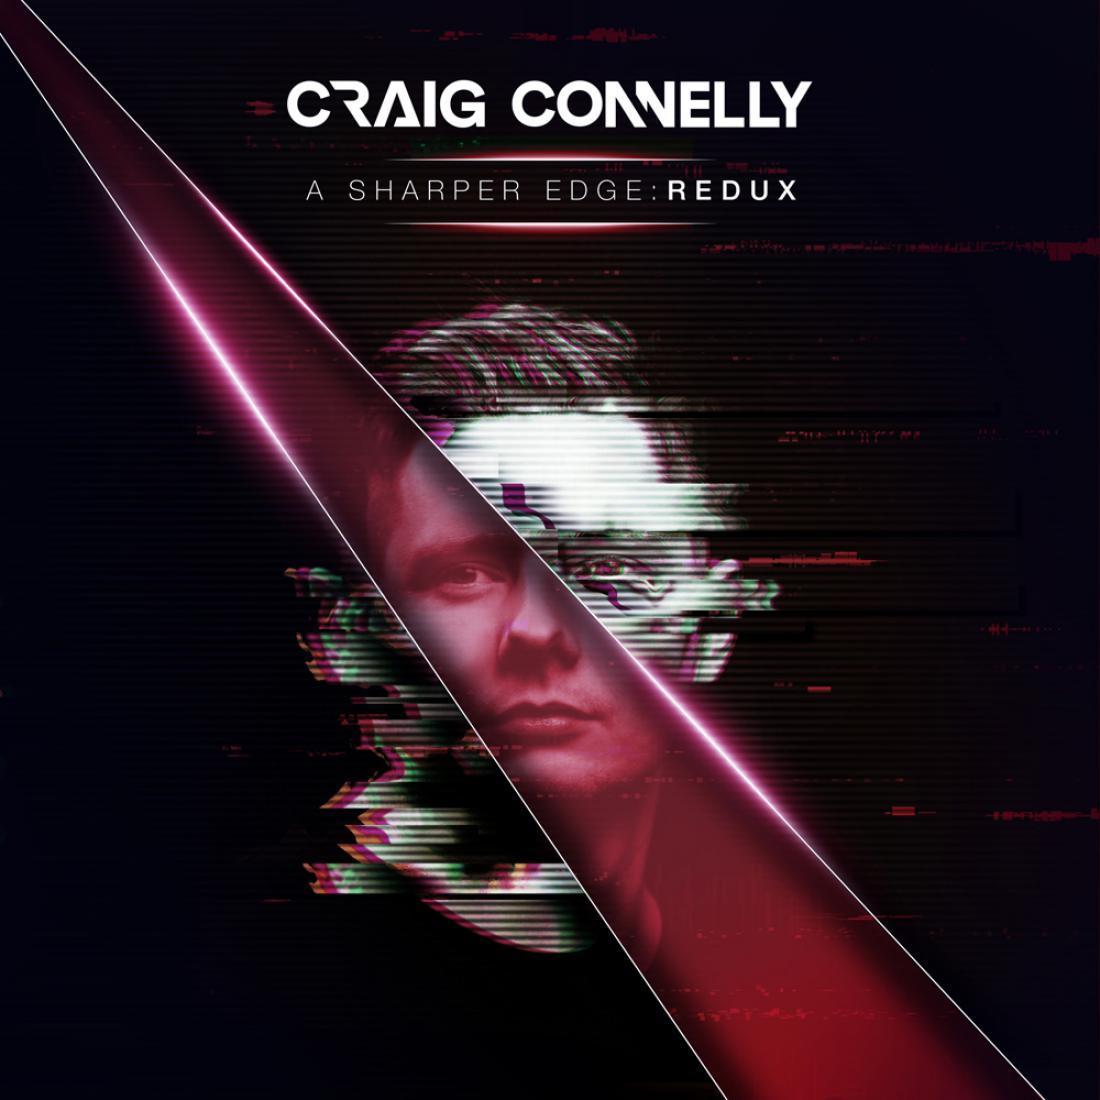 Craig Connelly - A Sharper Edge: REDUX